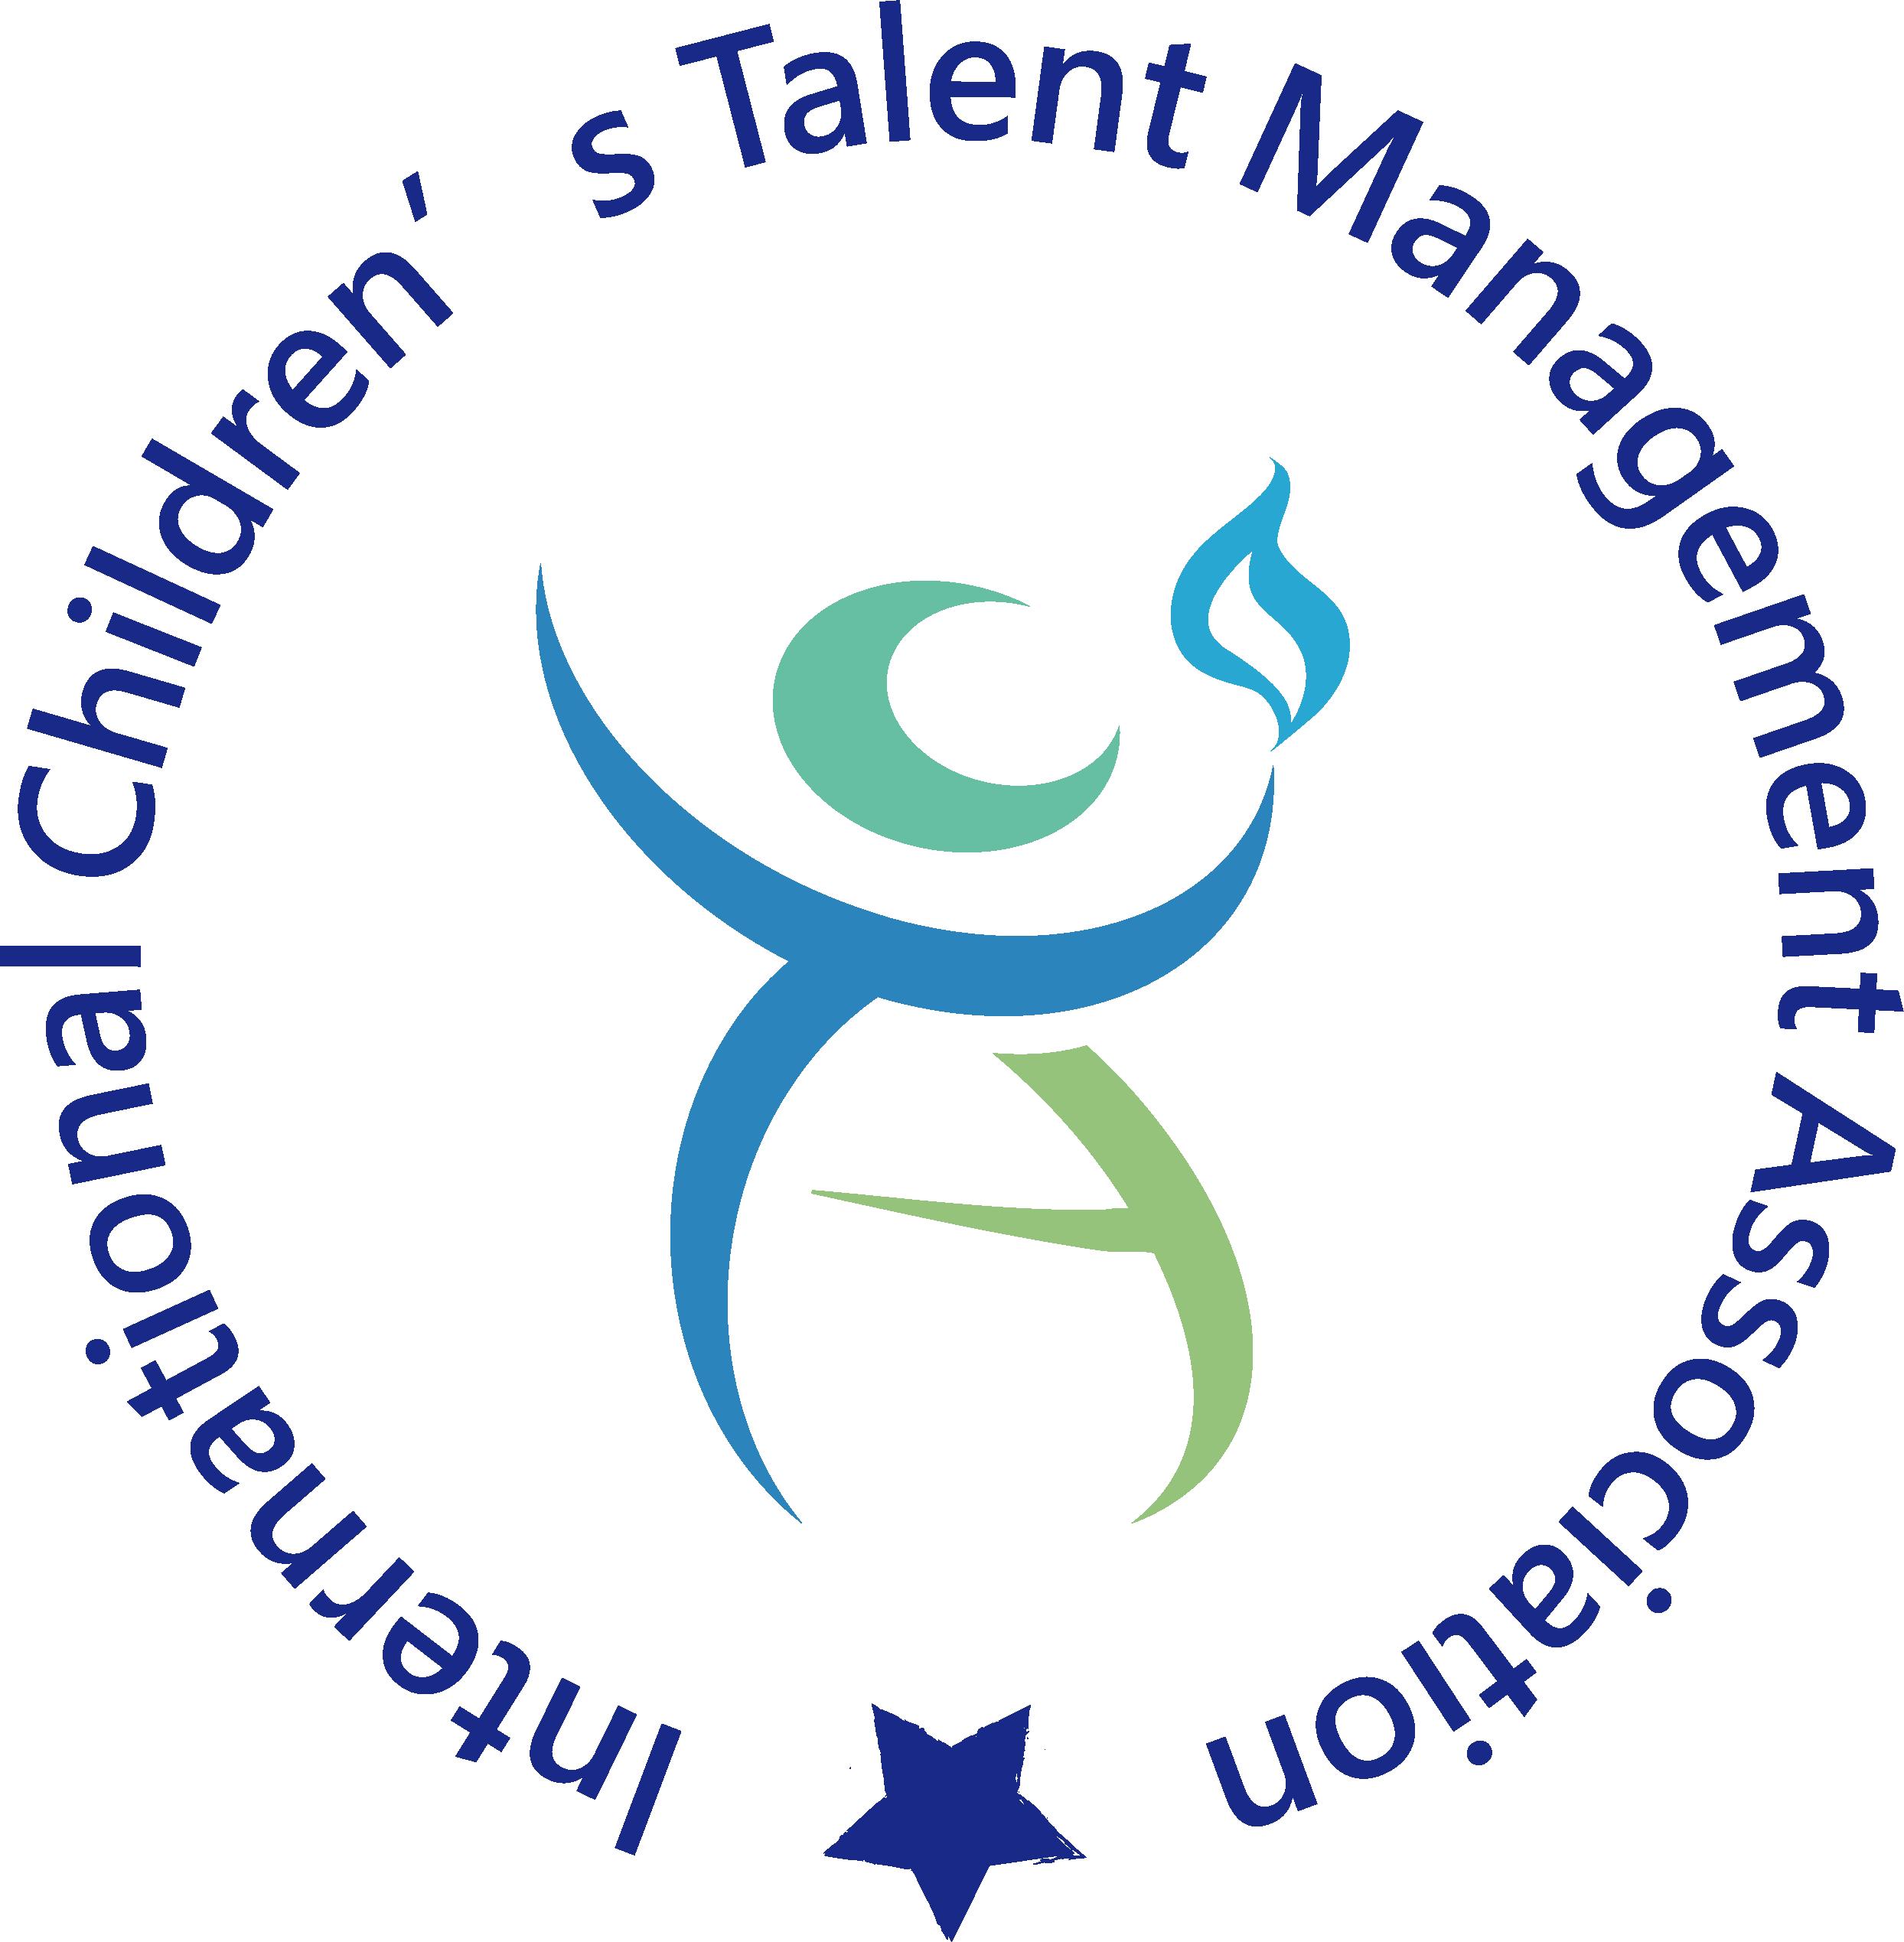 ICTA國際兒童才藝協會